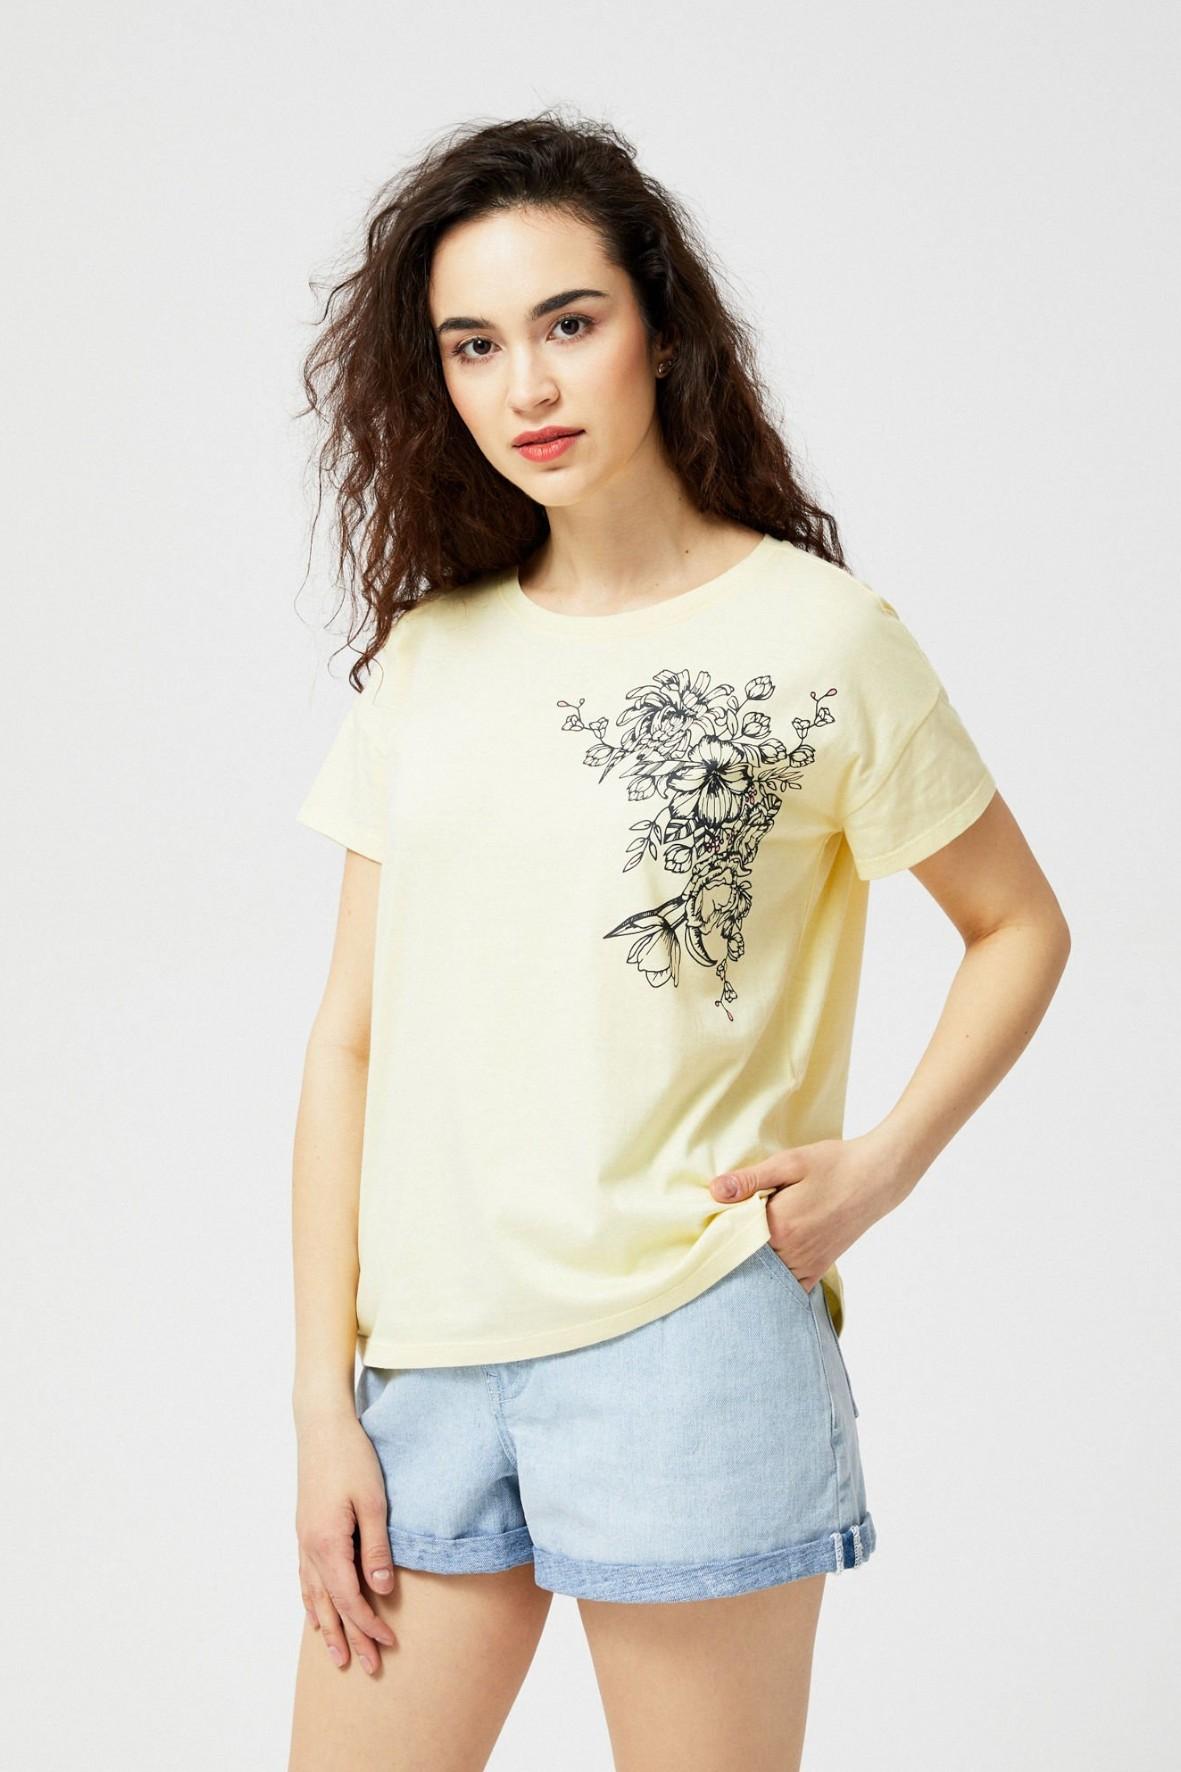 T-shirt damski bawełniany z kweisctym nadrukiem